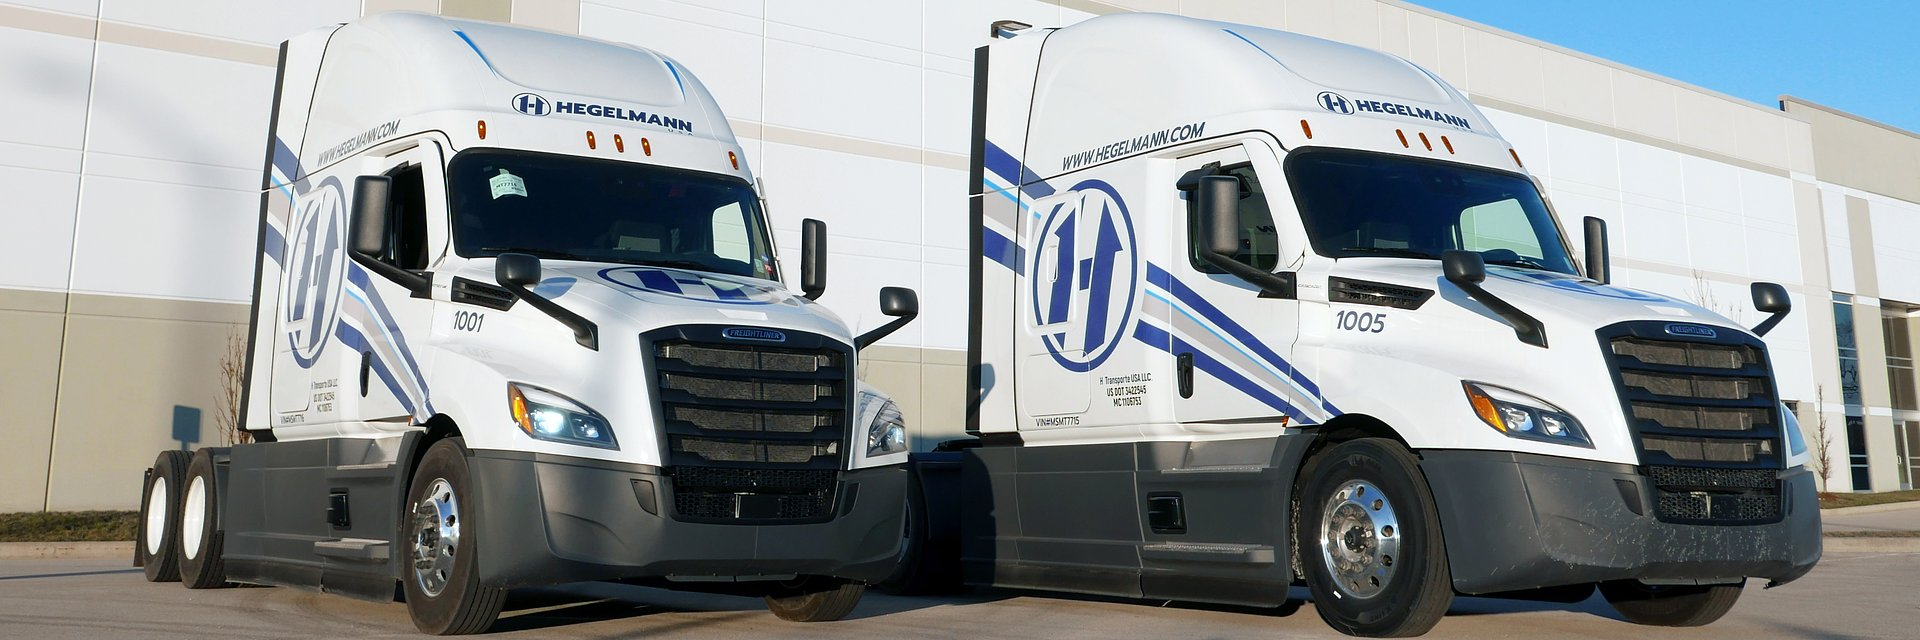 Hegelmann Group rozpoczyna ekspansję w USA. W ciągu pierwszych trzech lat chce zainwestować 10 mln euro